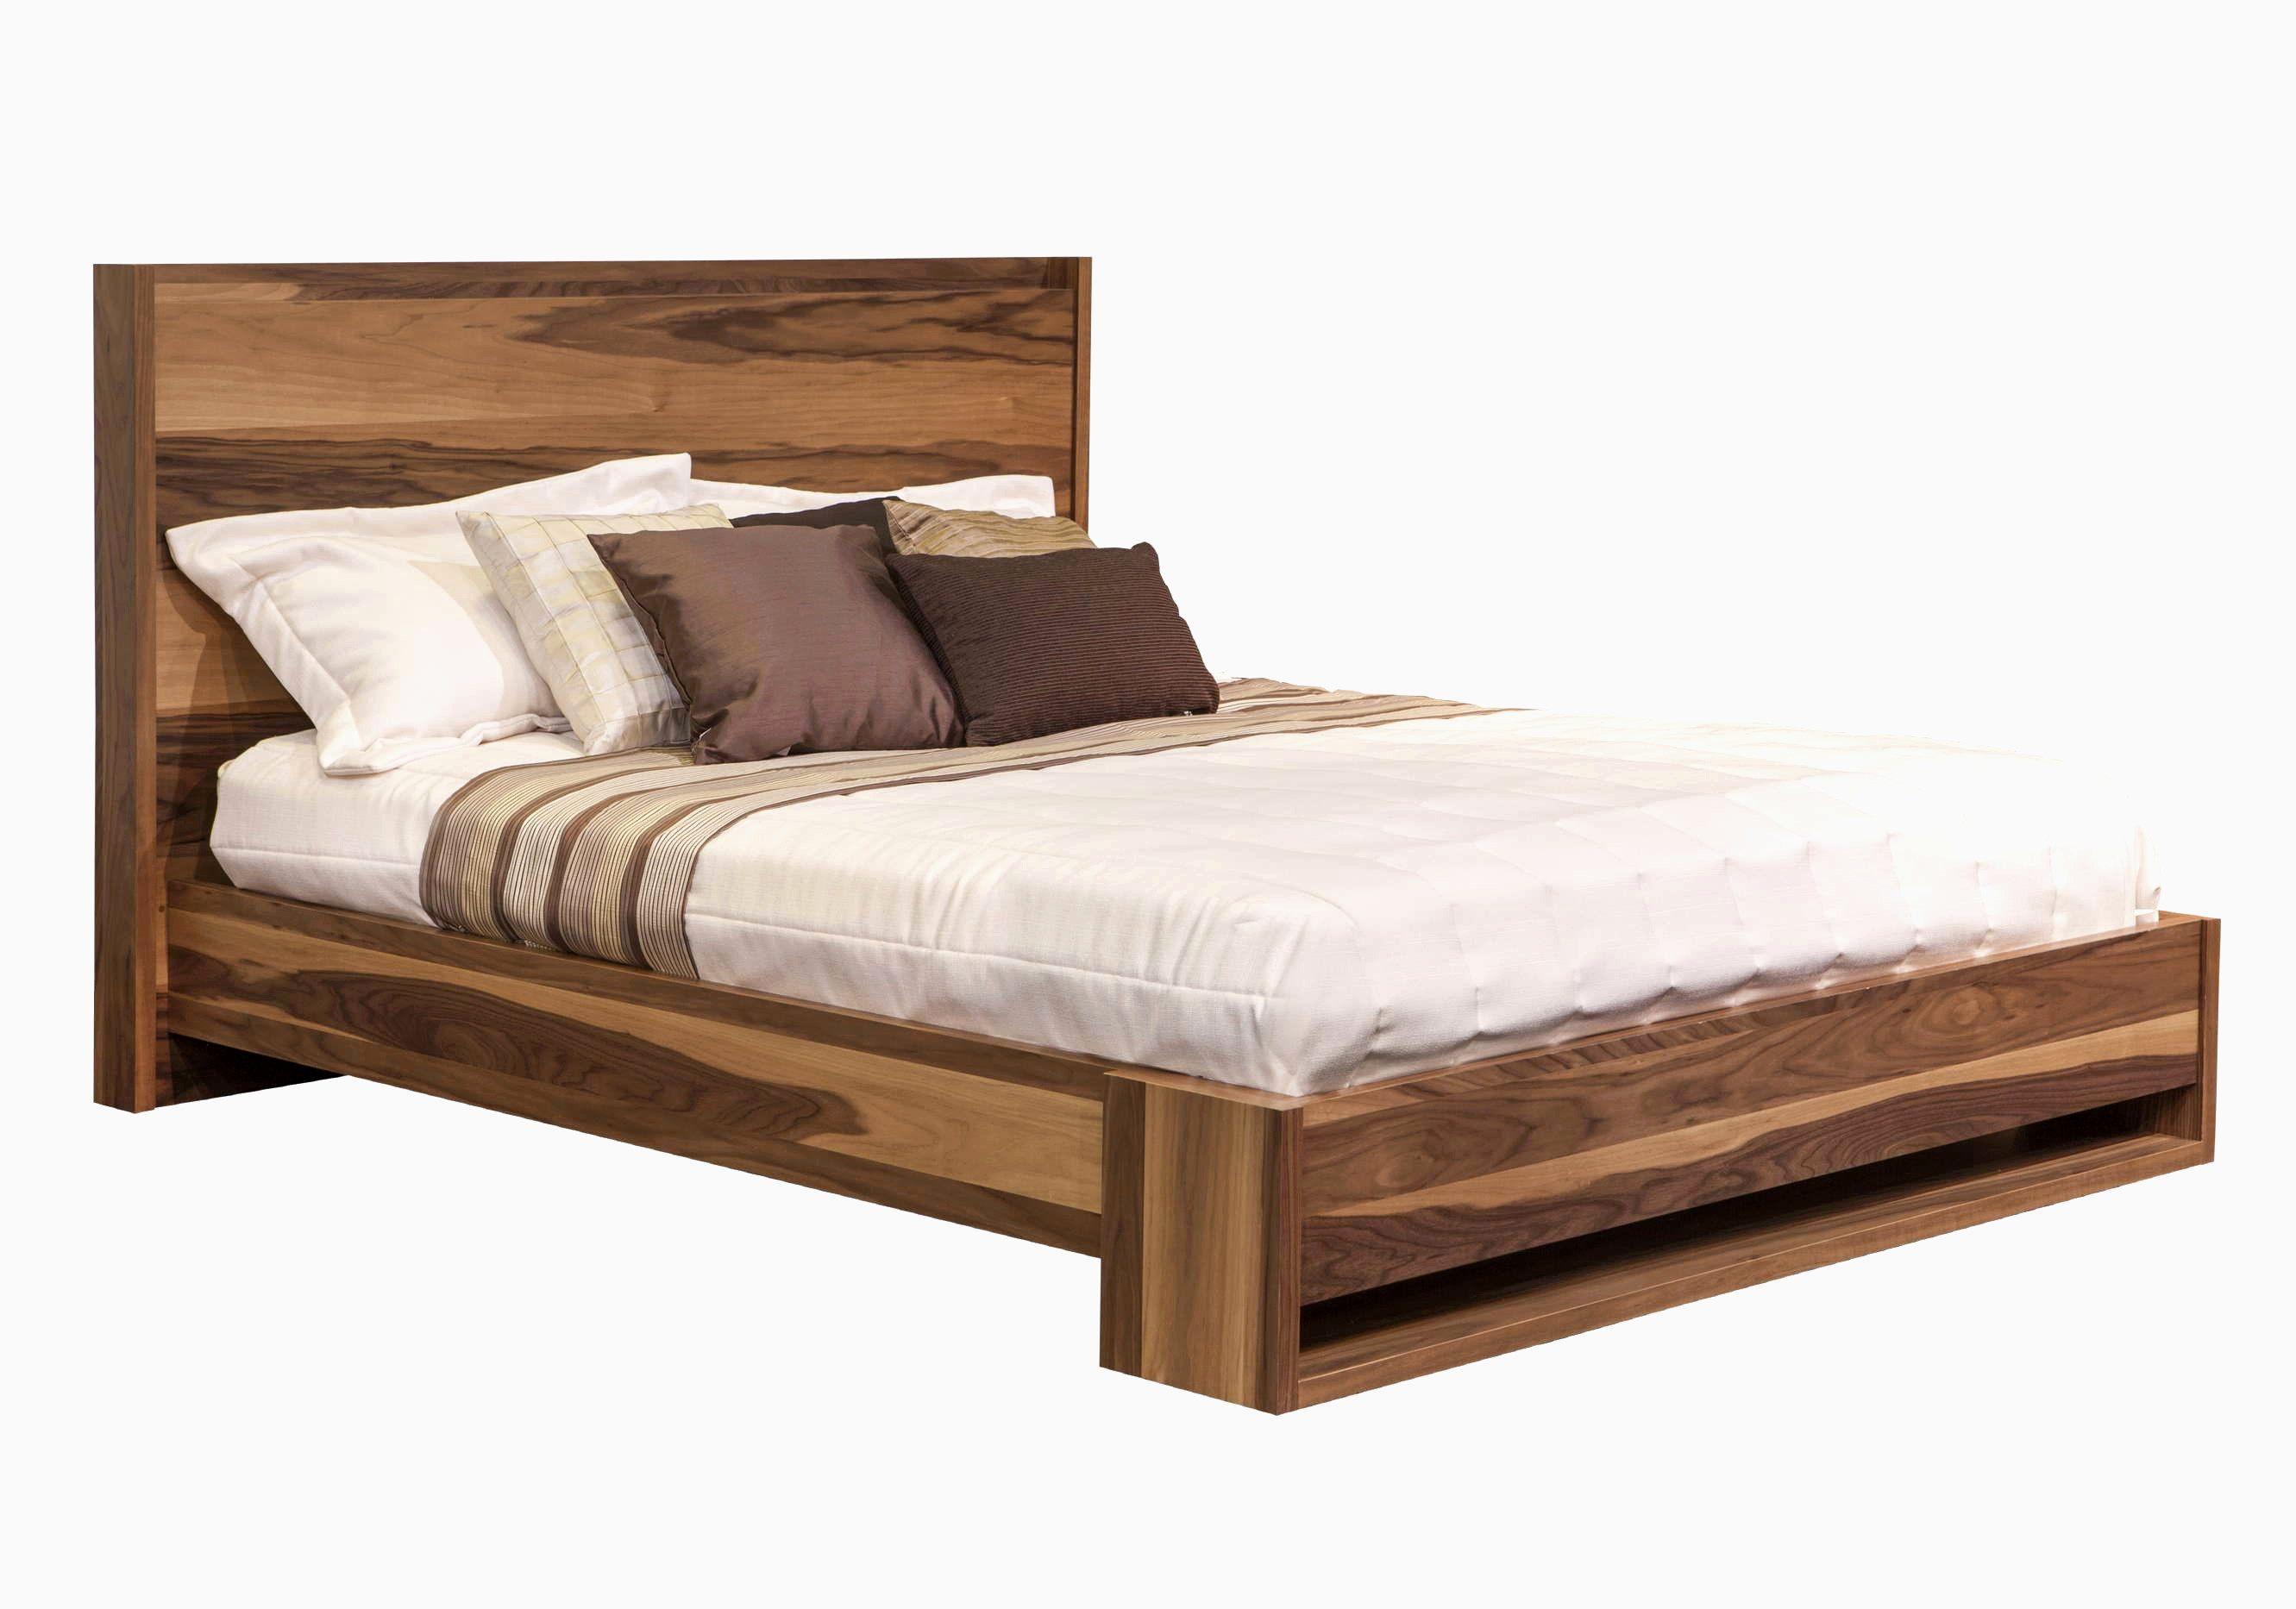 Ikea Fauteuil Lit Meilleur De Tete De Lit 180 Bois étonnant Etagere Tete De Lit Ikea Et Tete De